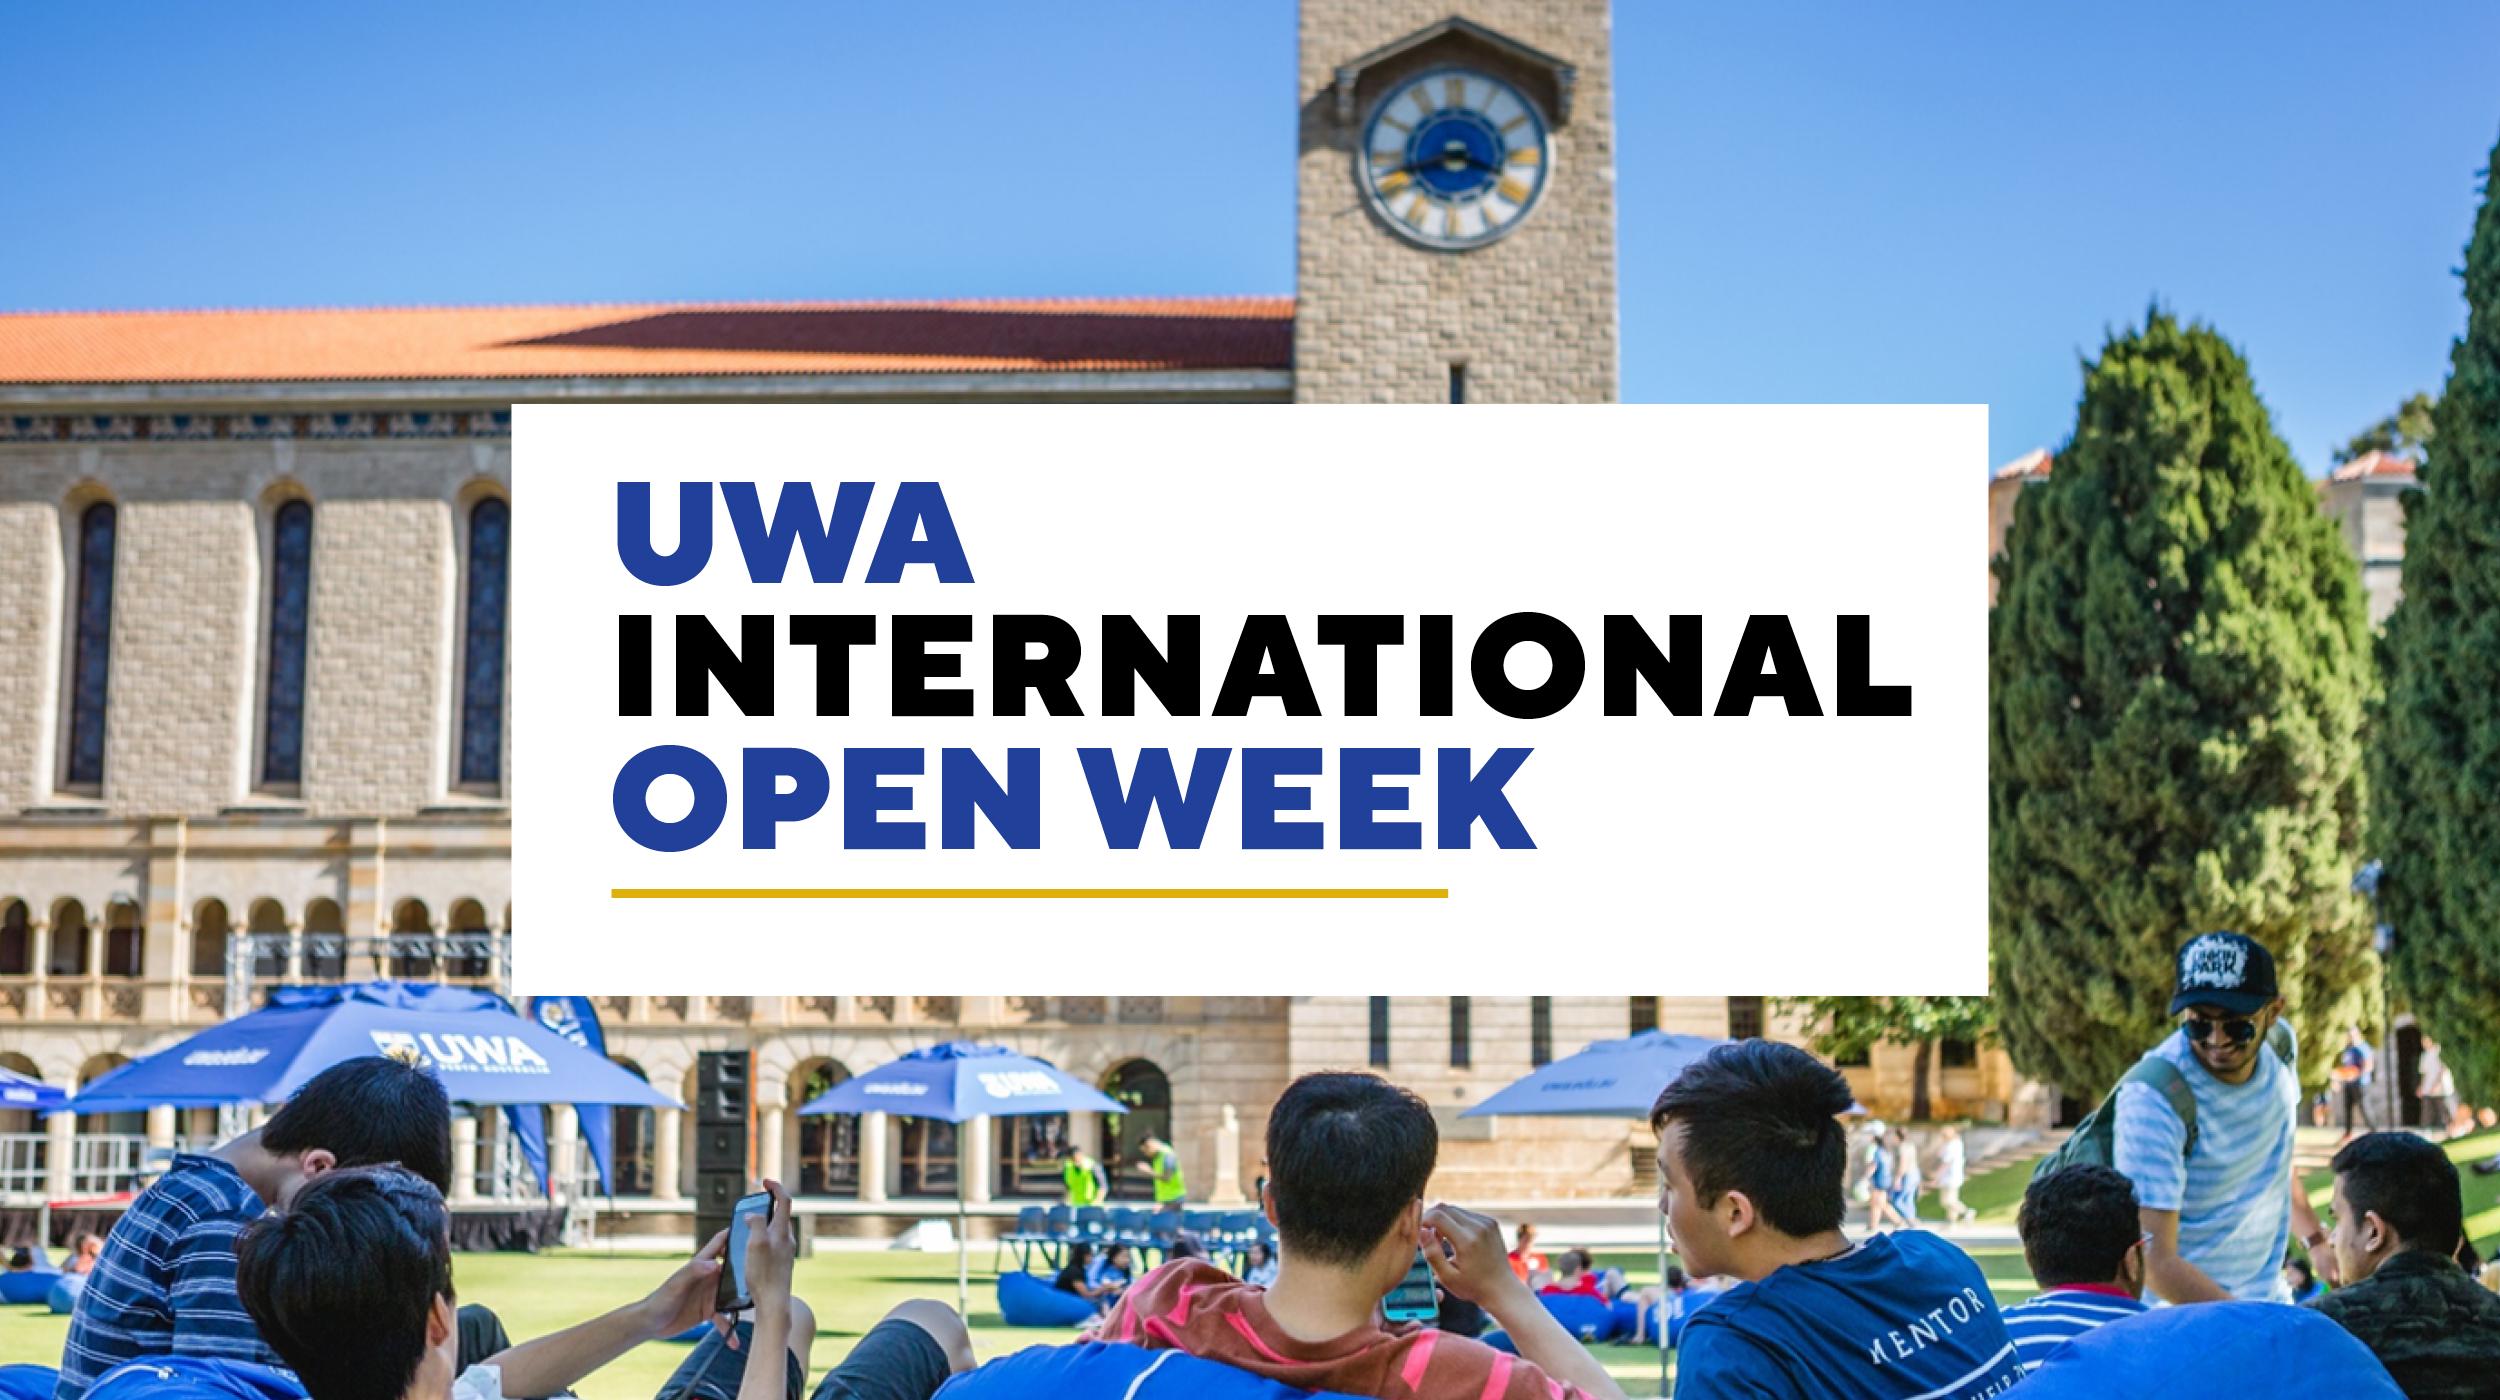 Welcome to UWA International Open Week 2020